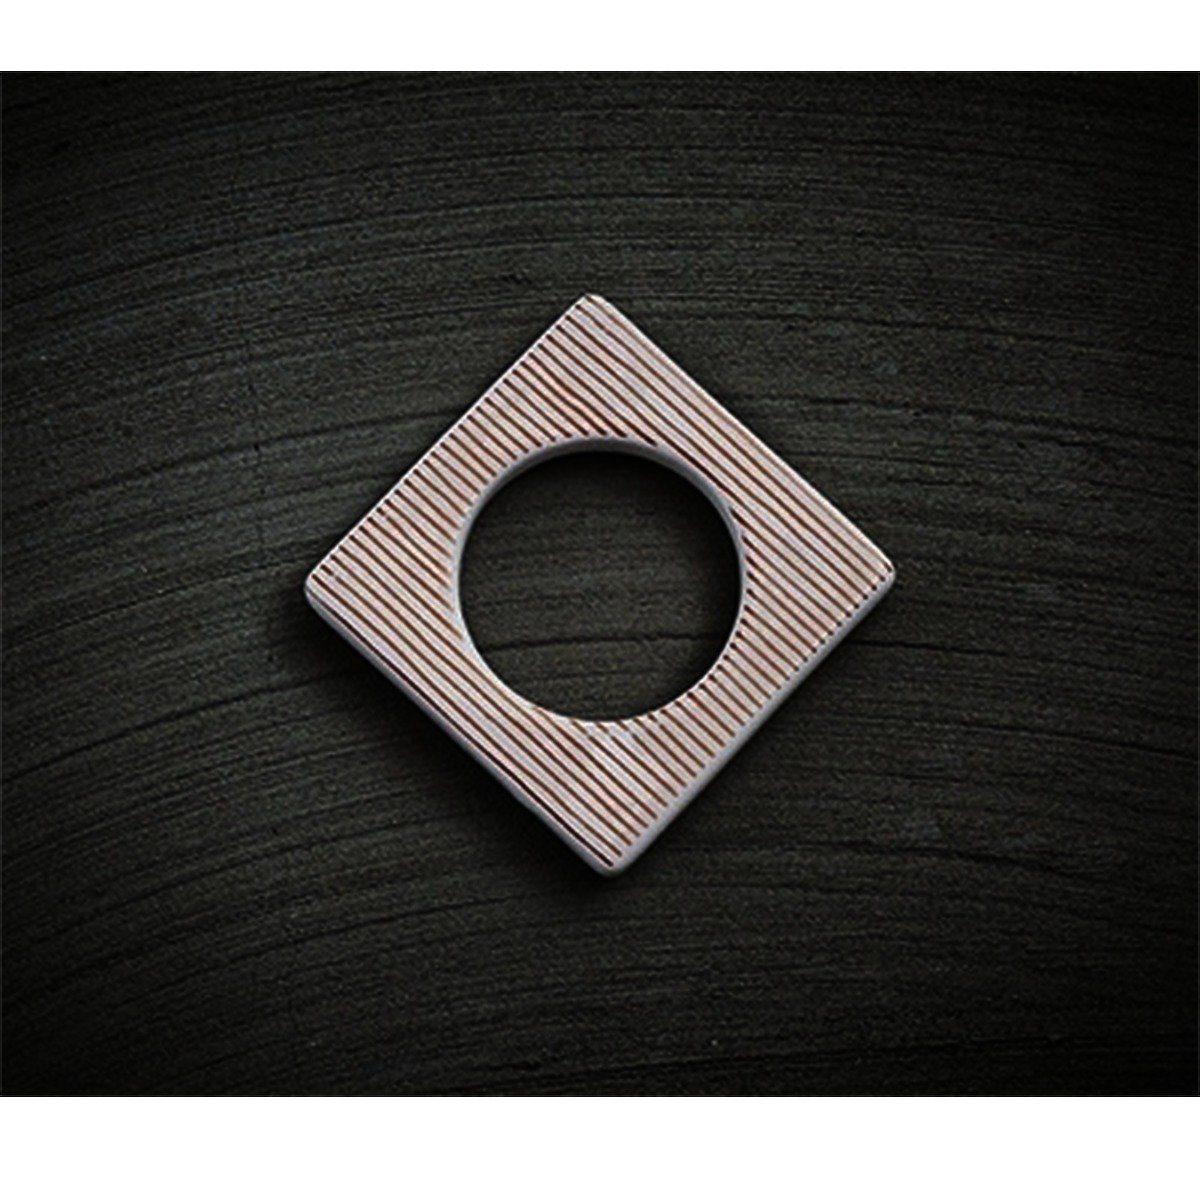 CULTDESIGN Cult Design Manschette für Teelichthalter kupfer-weiß-gestreift